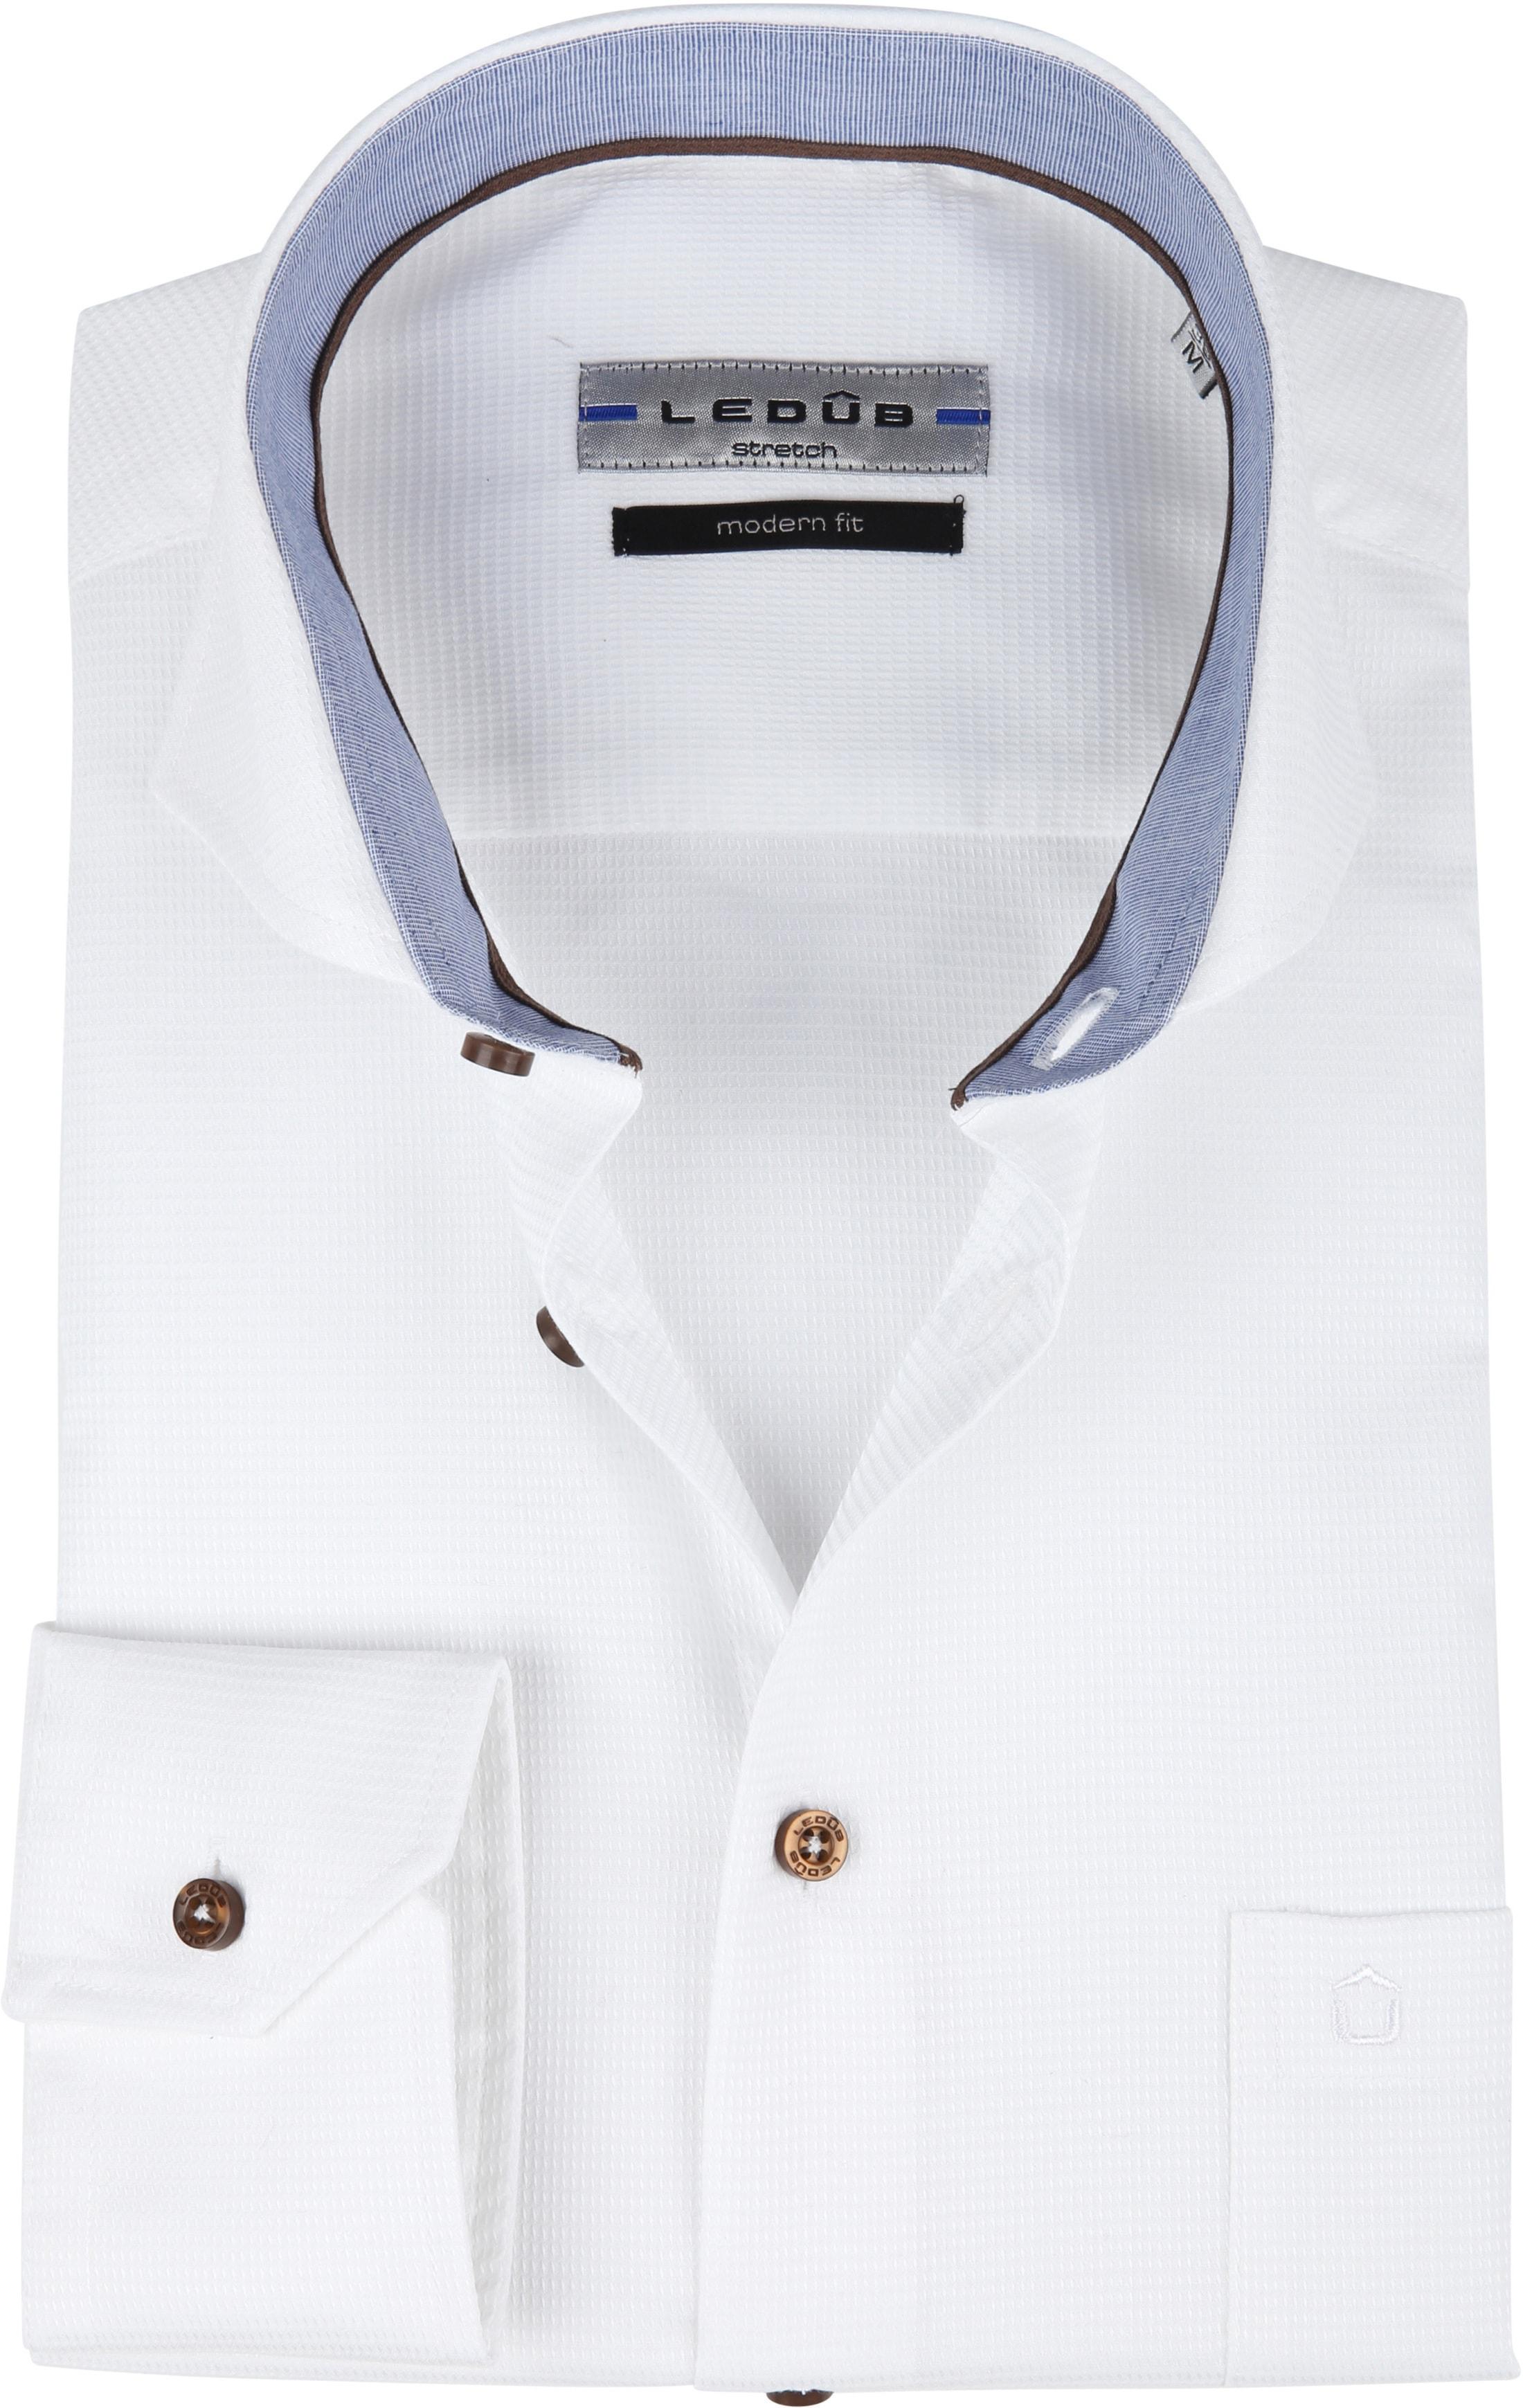 Ledub Shirt White MF foto 0